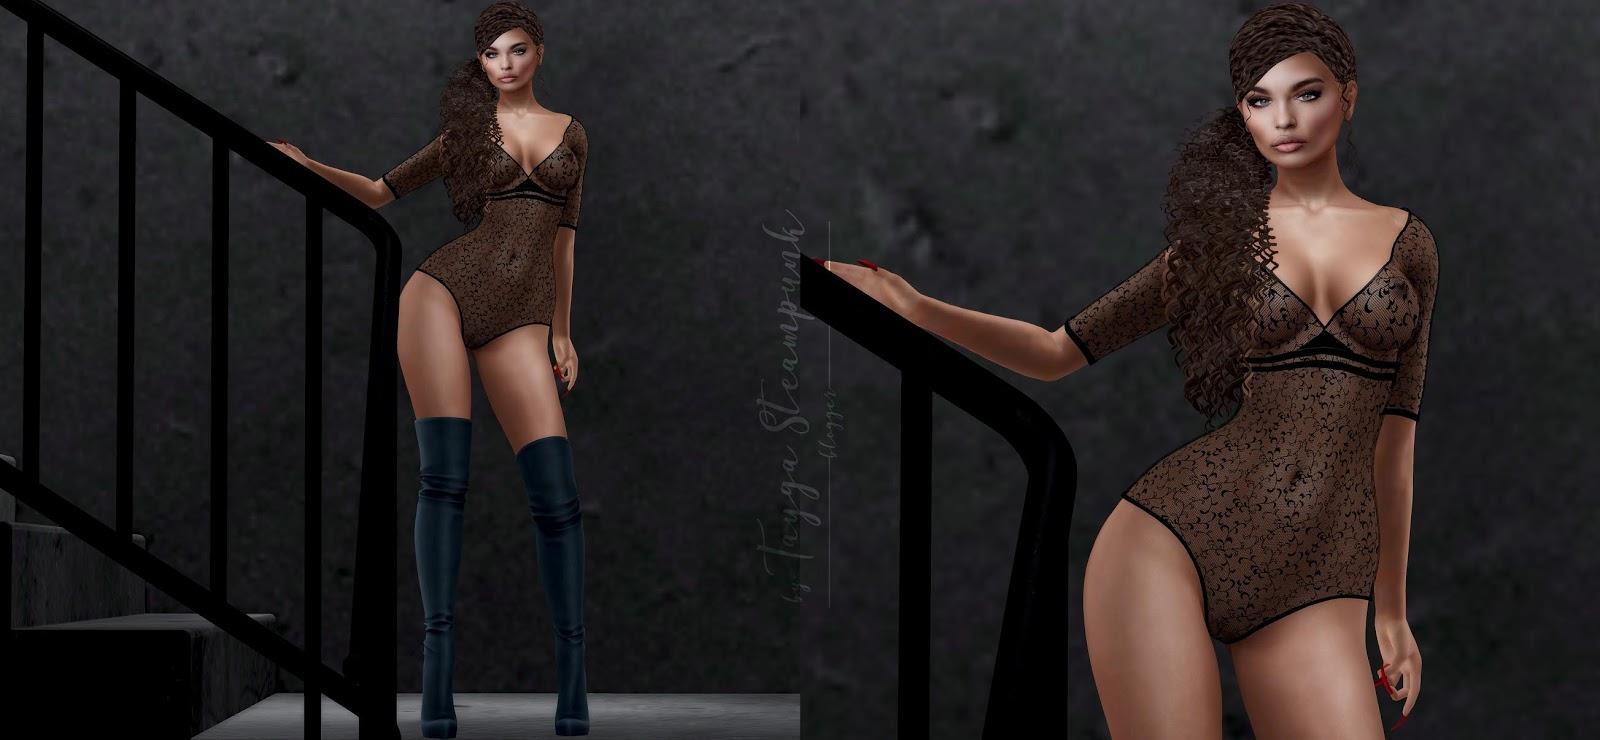 TS #579 Rendas que sensualizam